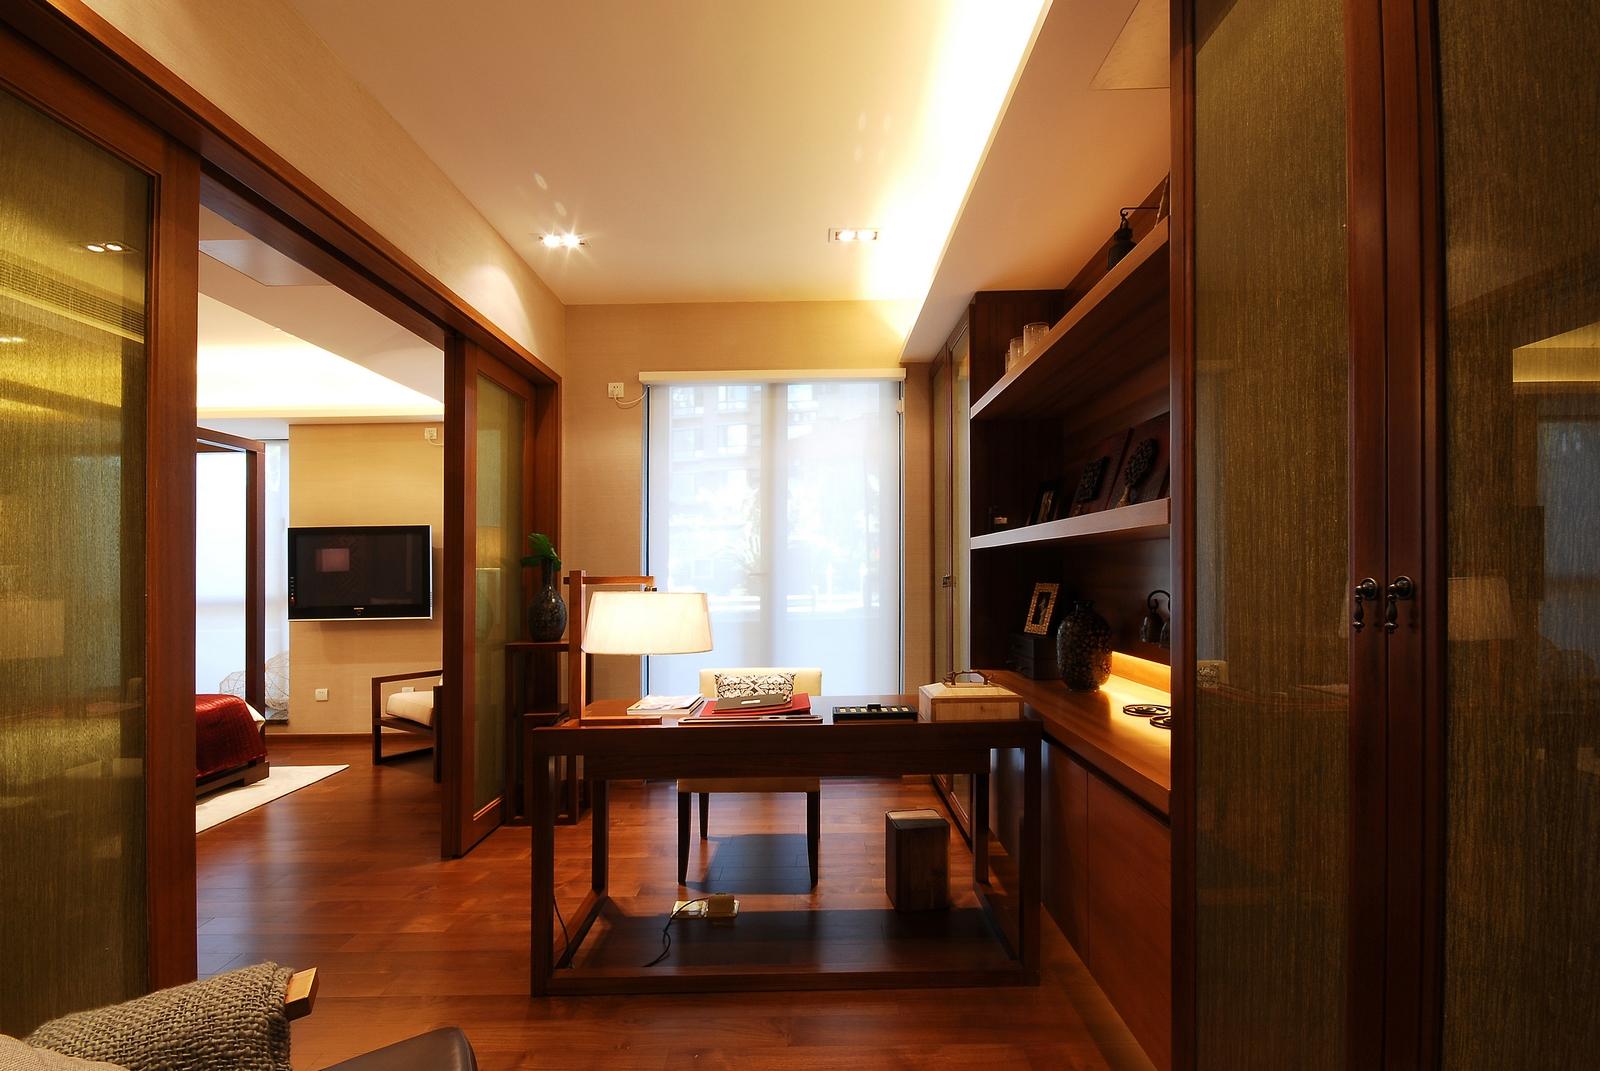 三居 简约 书房图片来自武汉豪迪装饰公司在顶琇国际城102平现代简约的分享